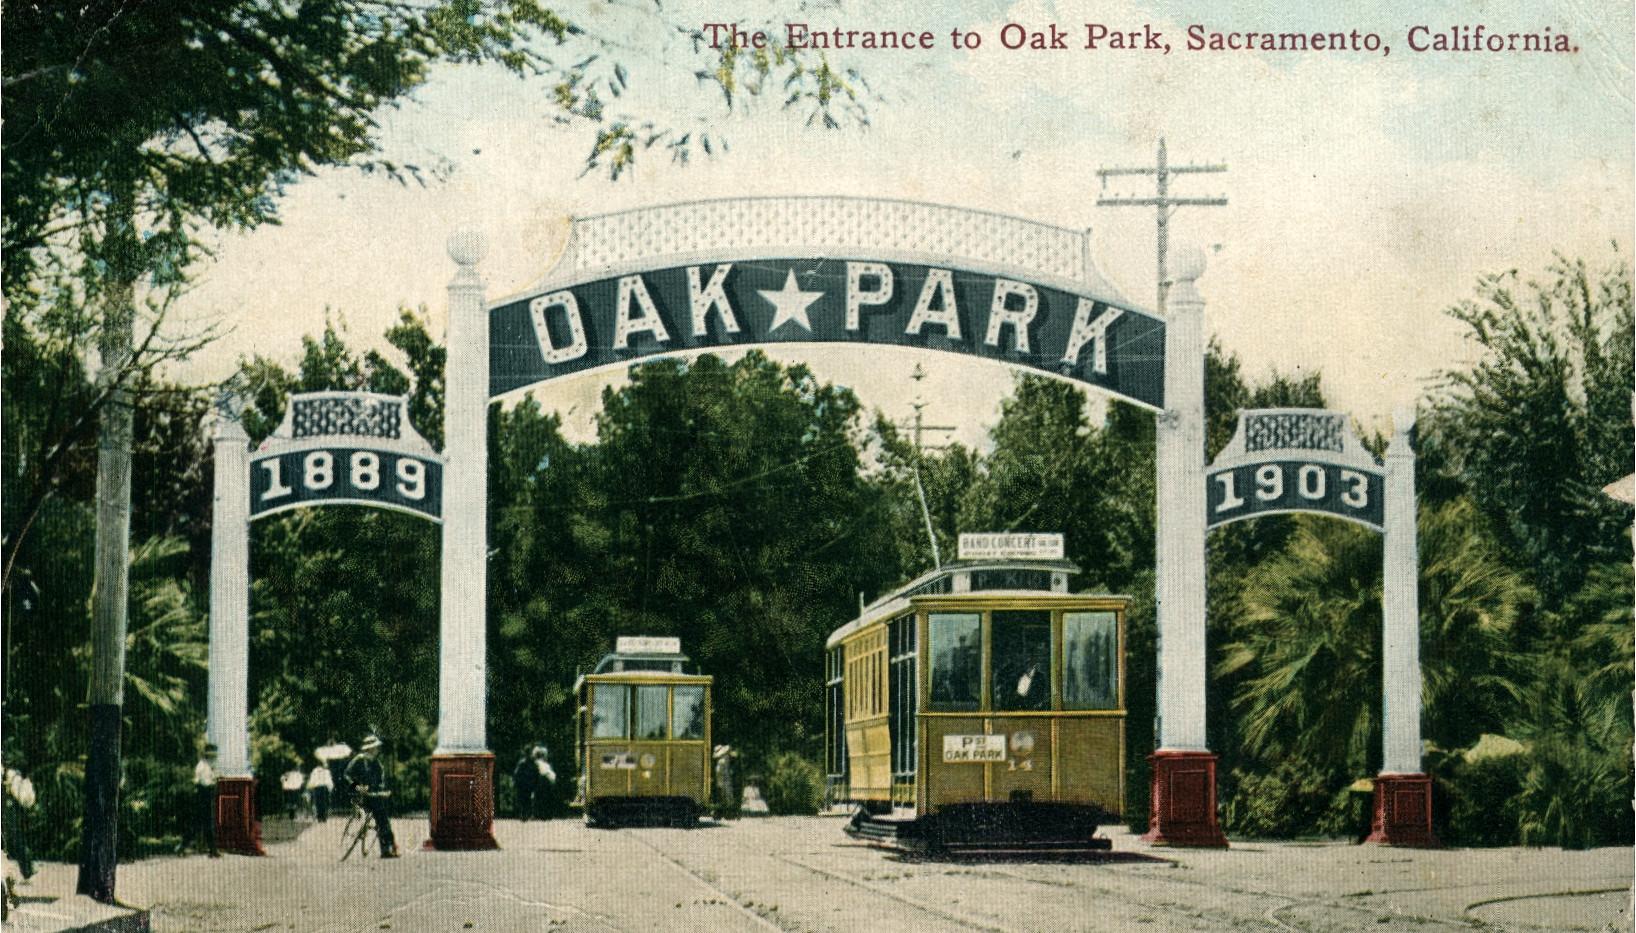 Entrance to Oak Park, Sacramento, California